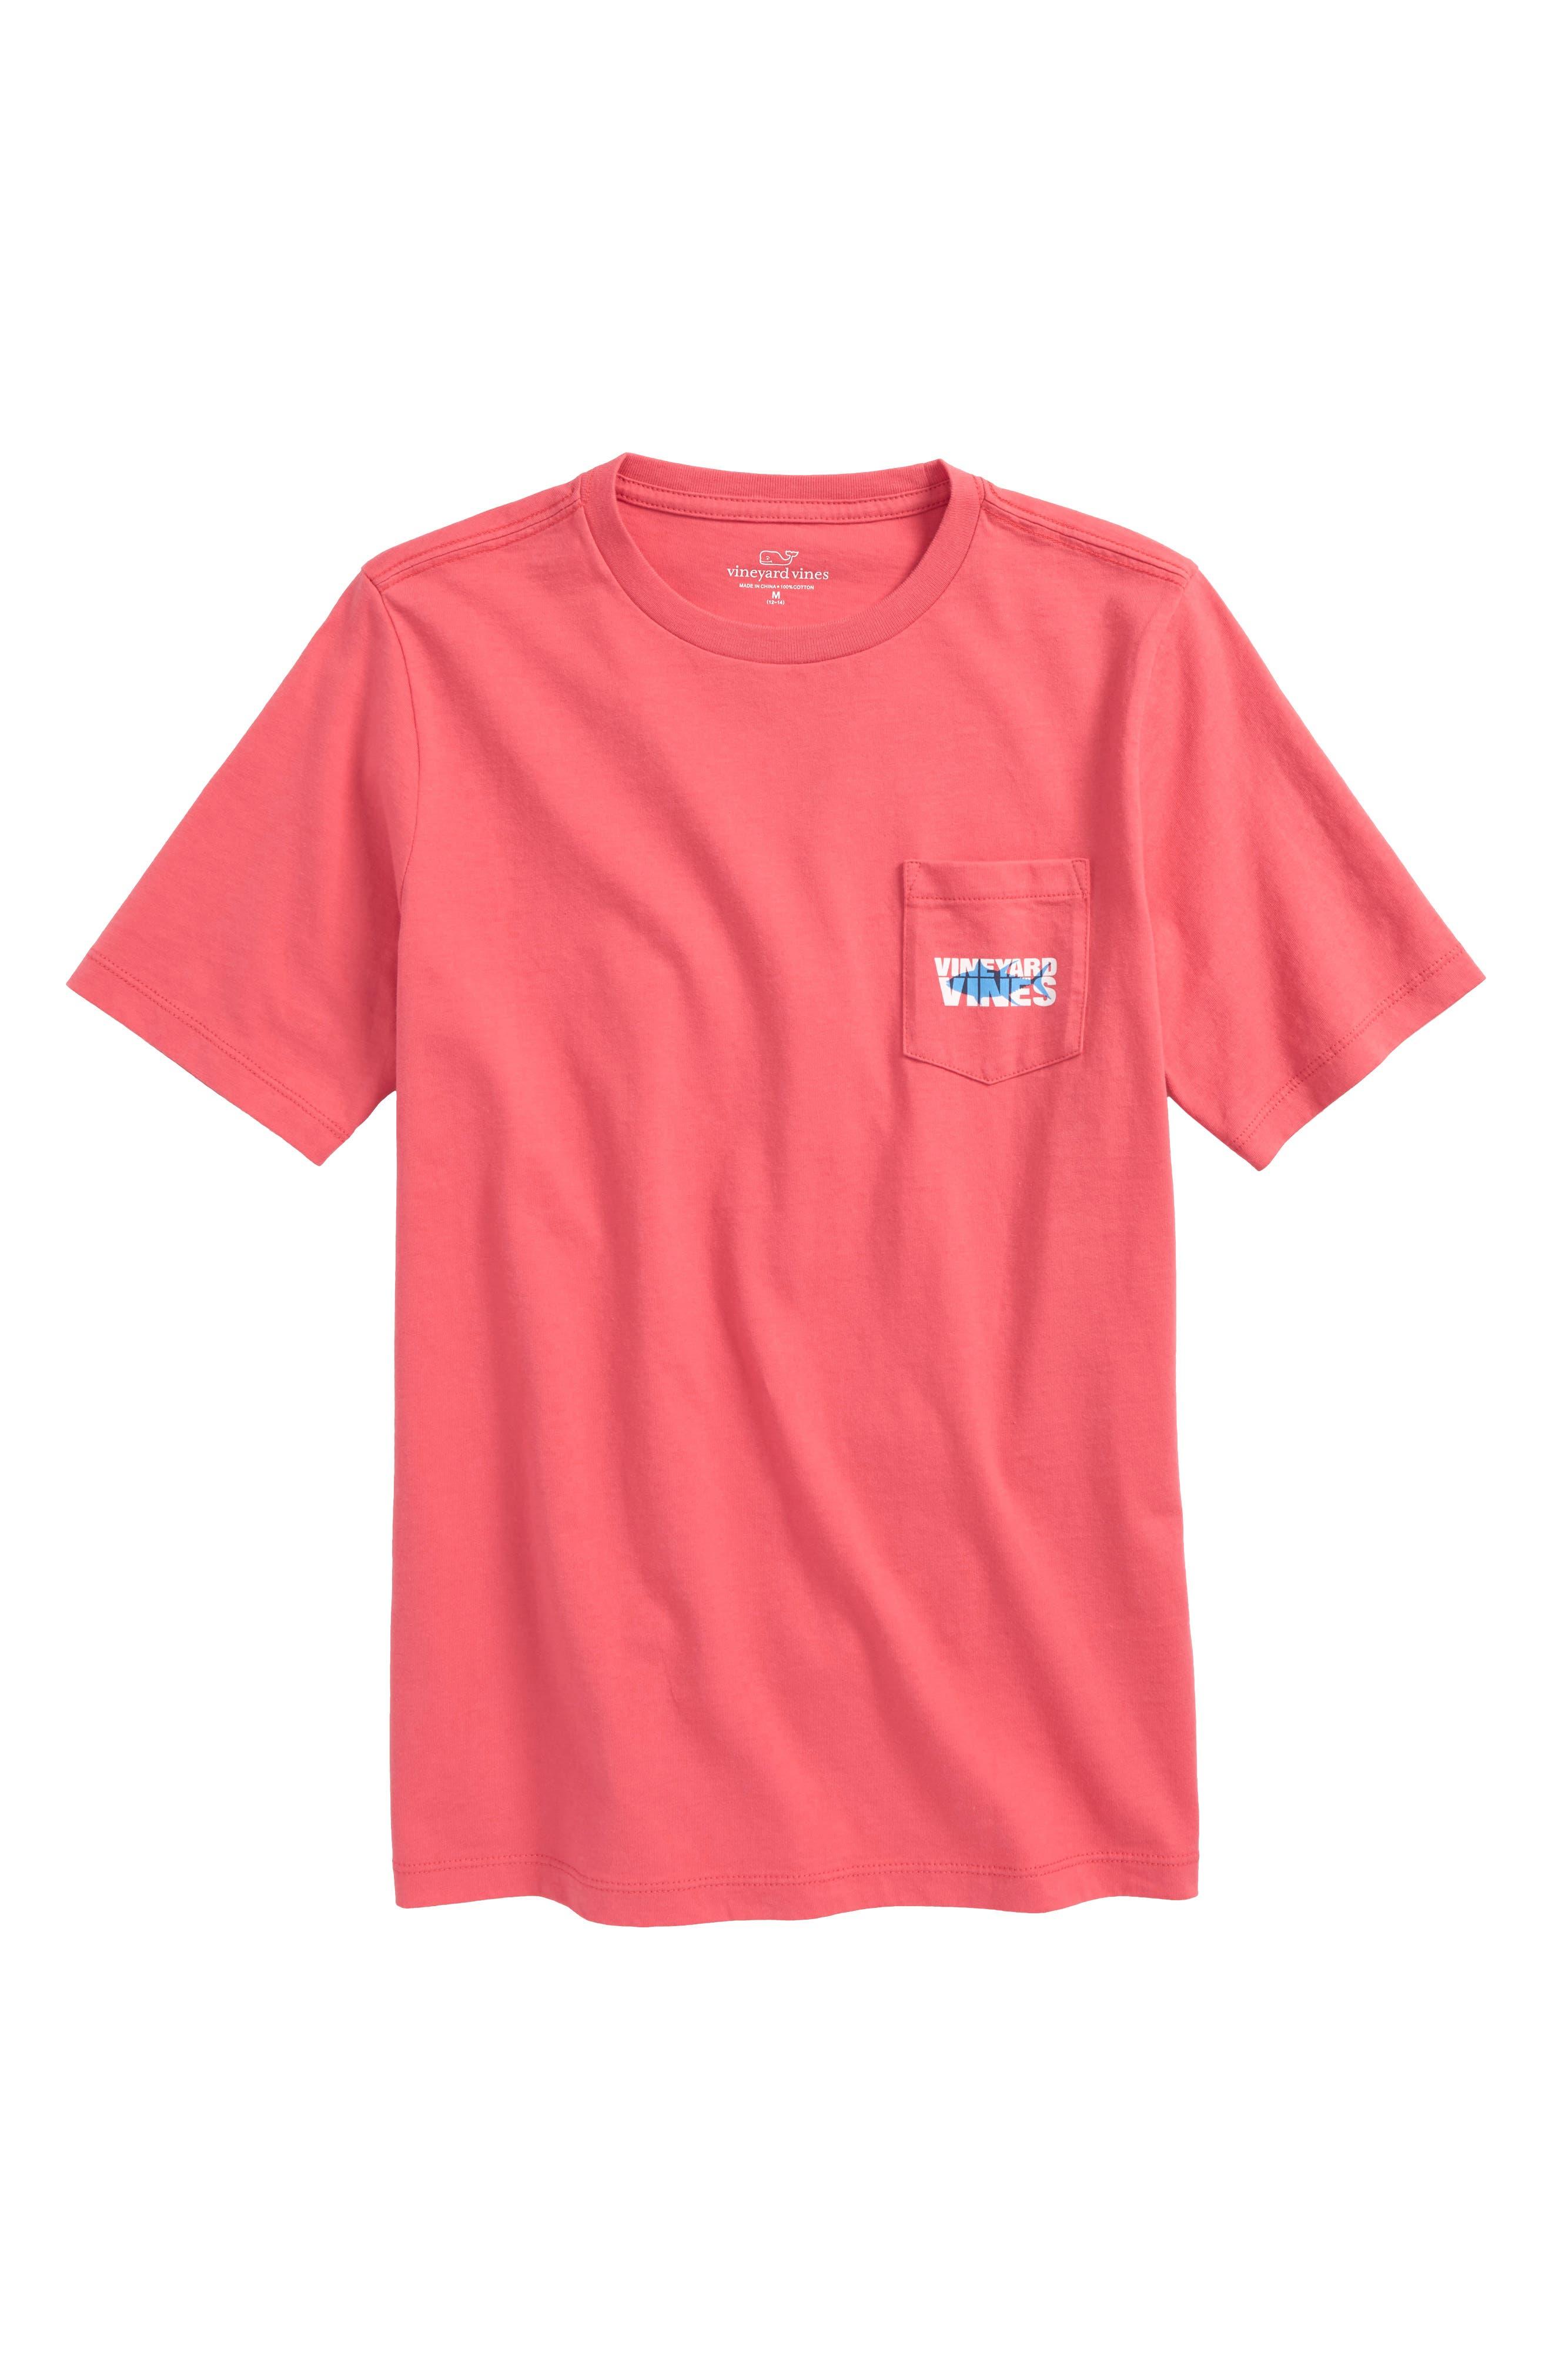 Tuna Shadows Pocket T-Shirt,                             Main thumbnail 1, color,                             Jetty Red